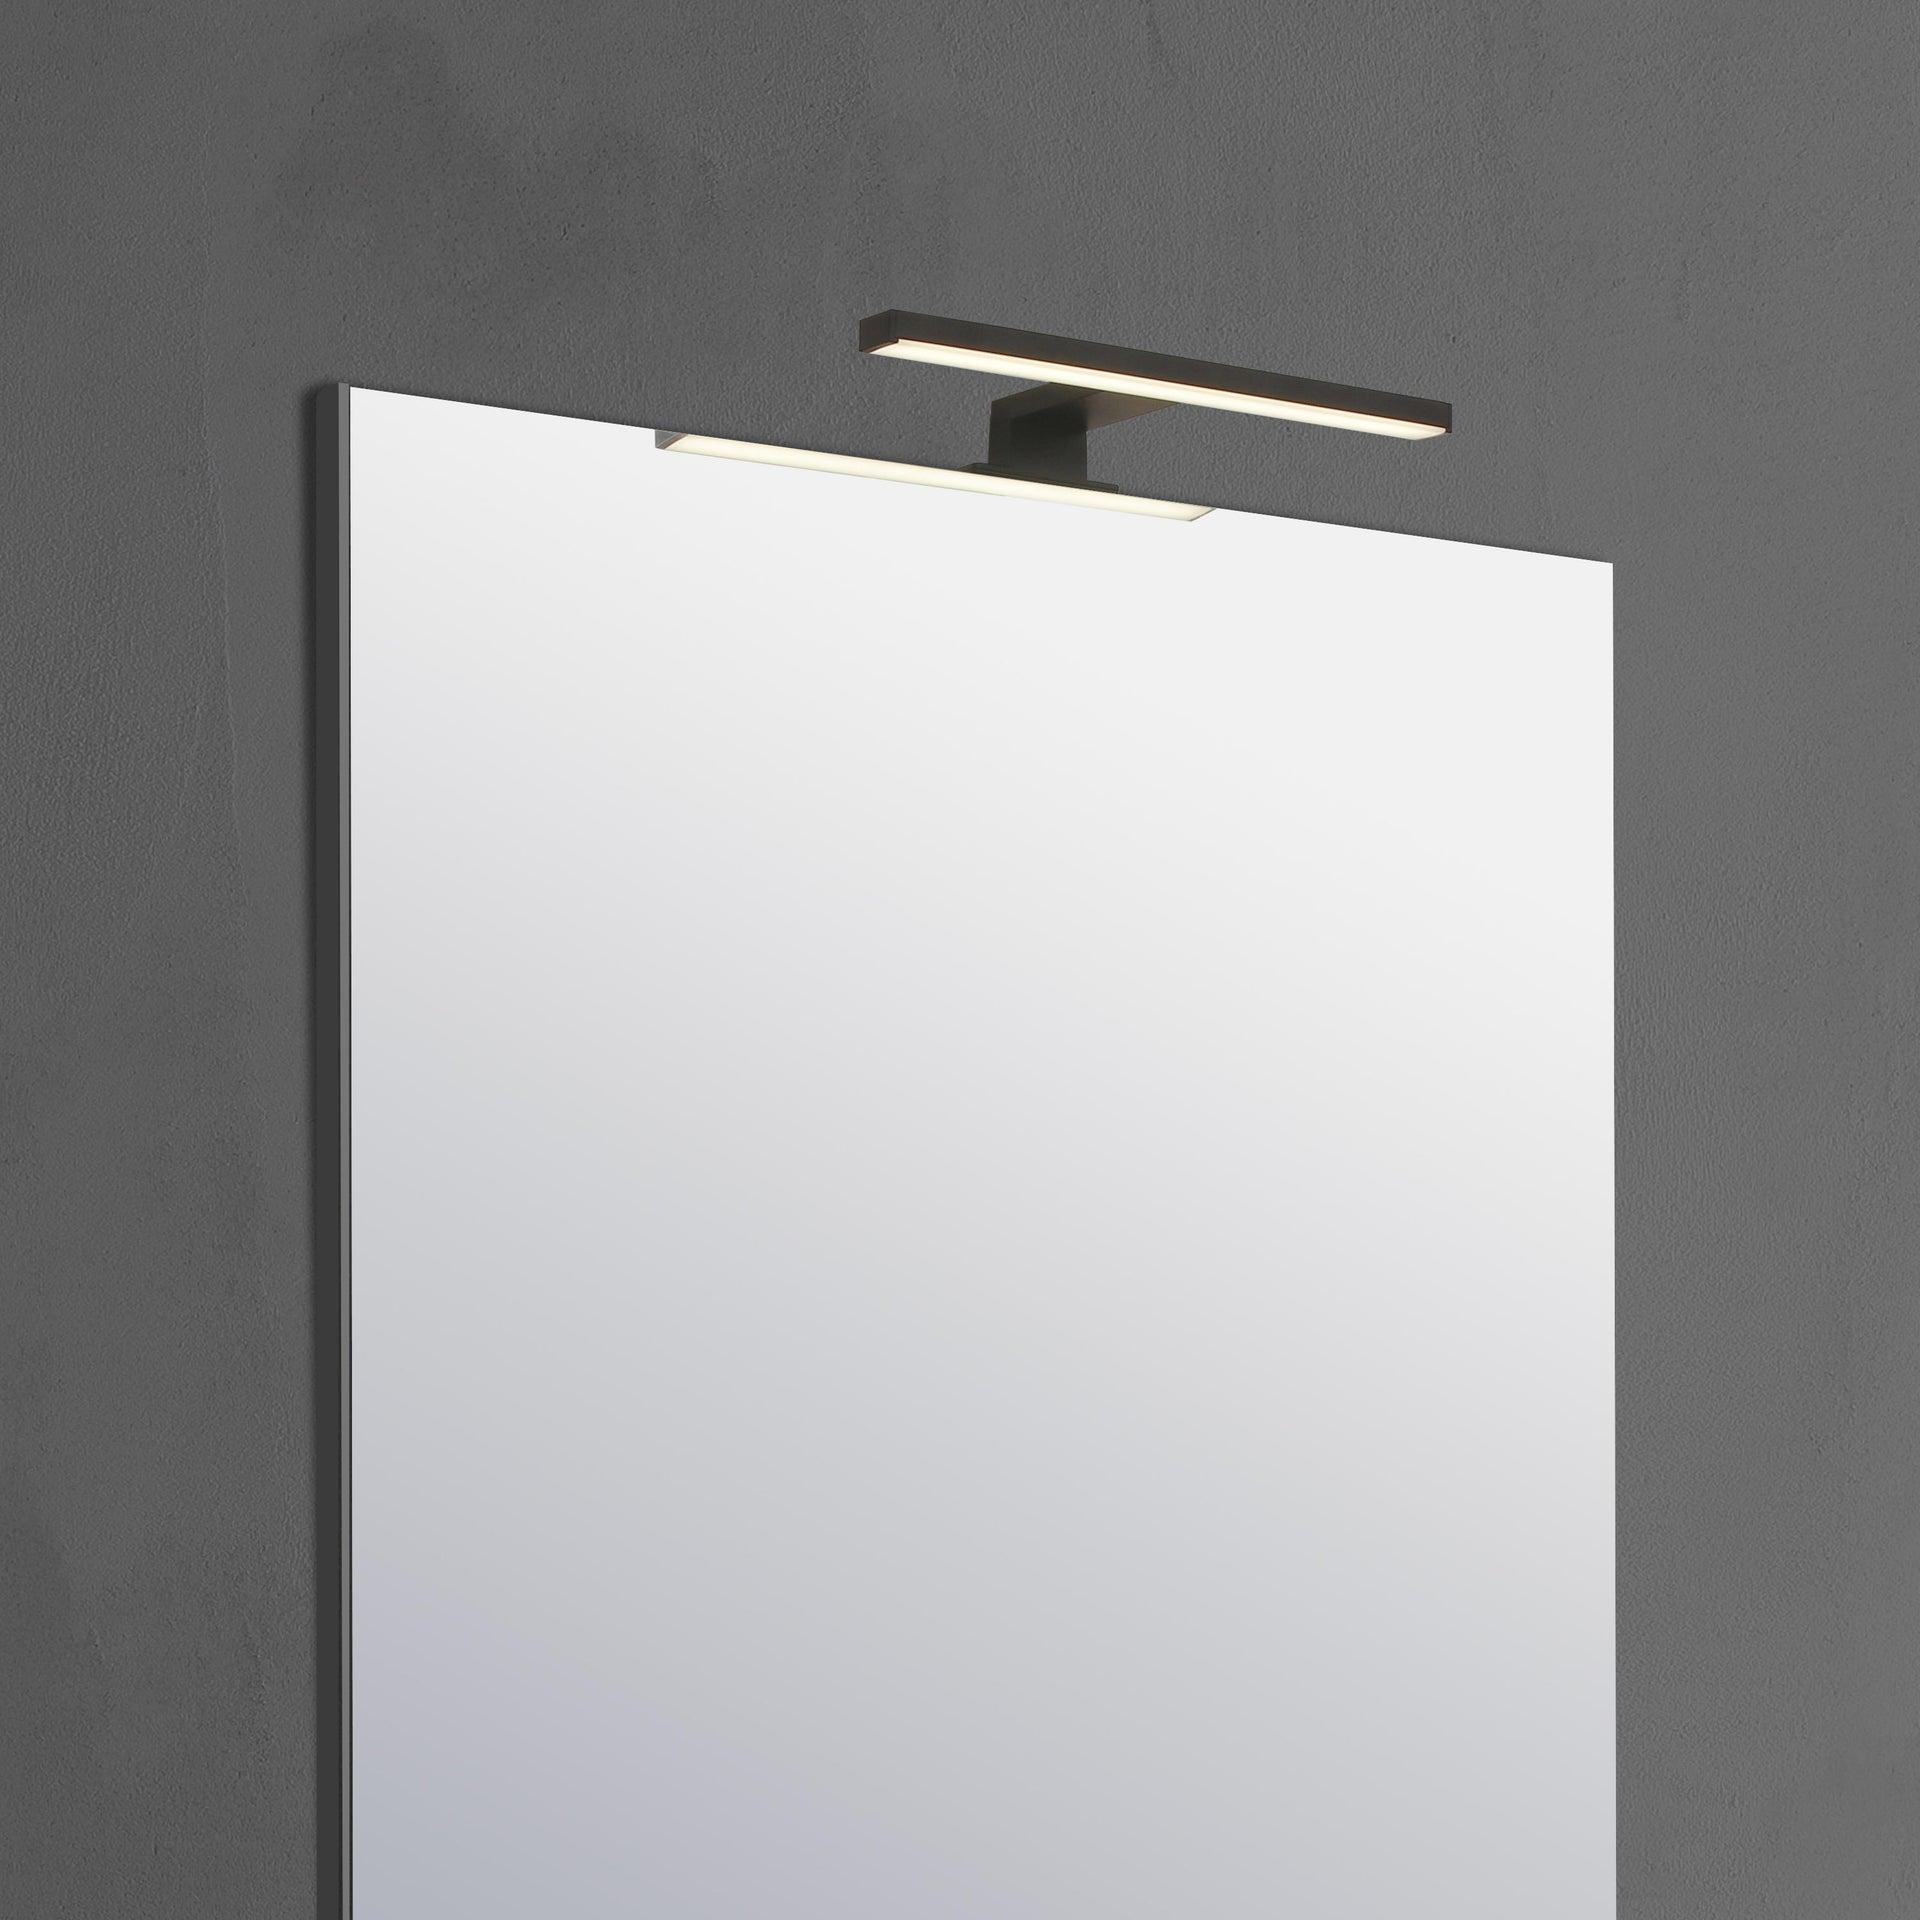 Applique moderno Slim con kit multi attacco , in alluminio, 50.0x50.0 cm, INSPIRE - 9